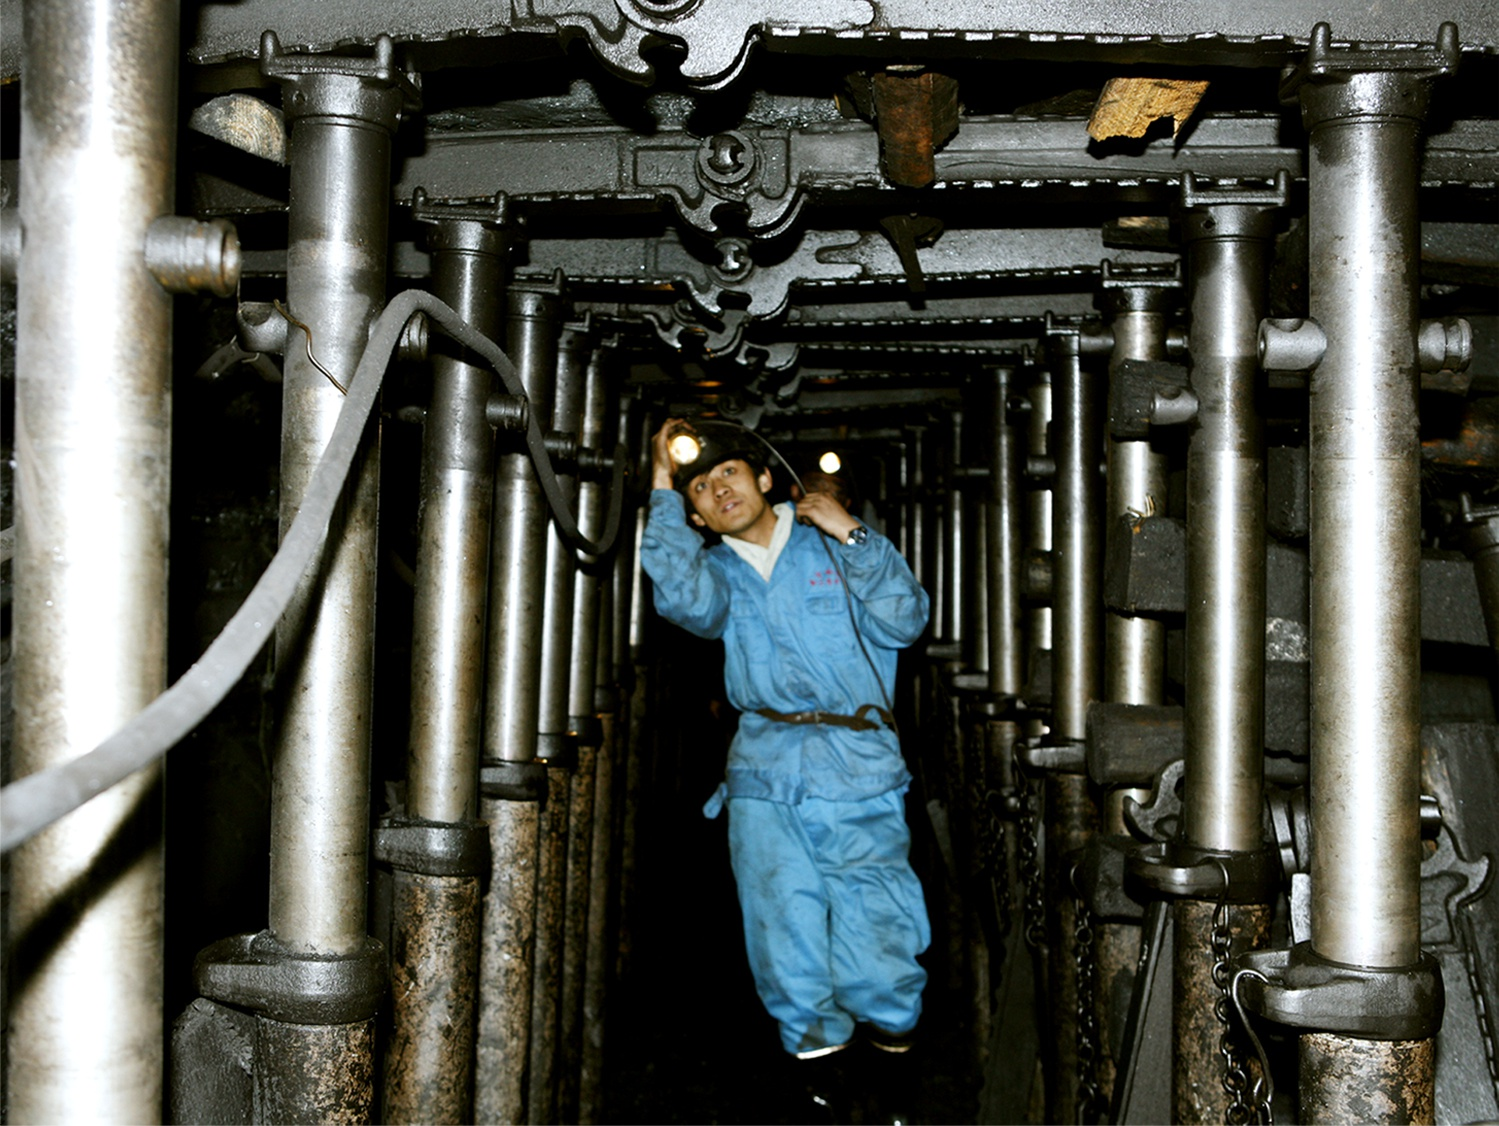 永泰能源孟子峪煤业三举措筑牢安全堤 推动矿井安全高效发展